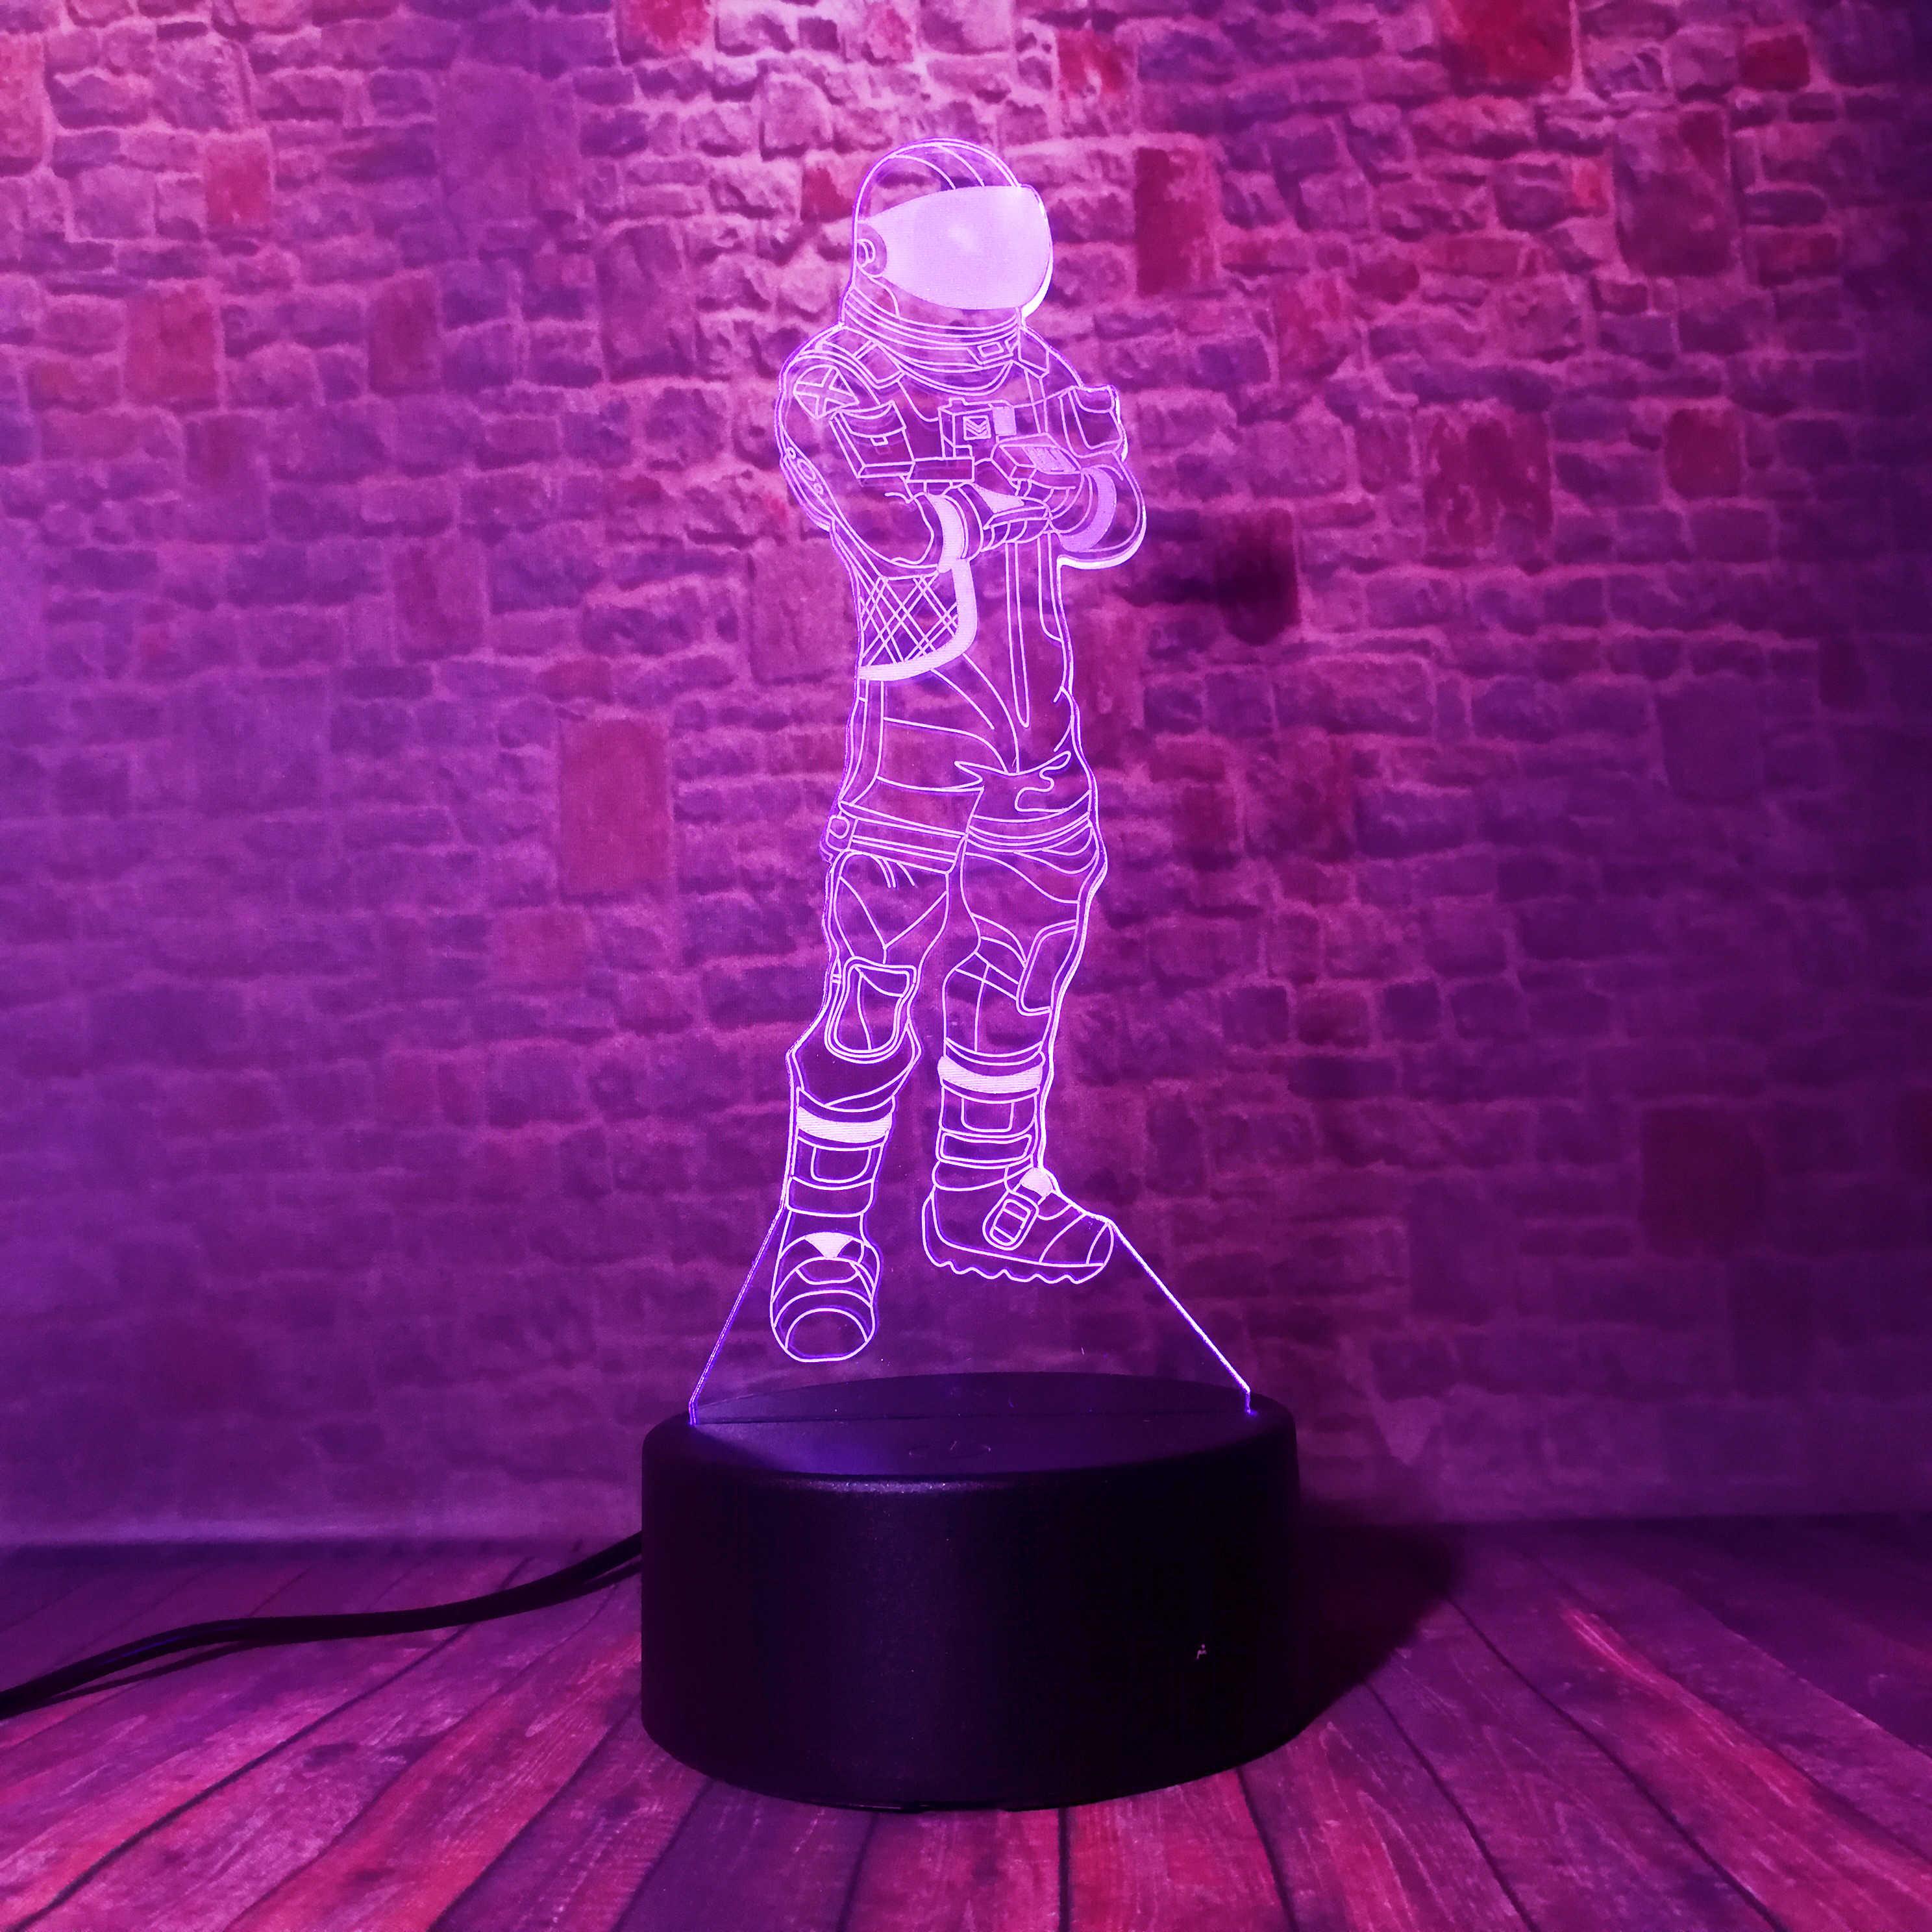 Горячая игра Темный Вояджер TPS крутой бой рояль Мальчик ночник 3D RGB 7 красочная Светодиодная лампа настроения на день рождения праздник рождественские подарки